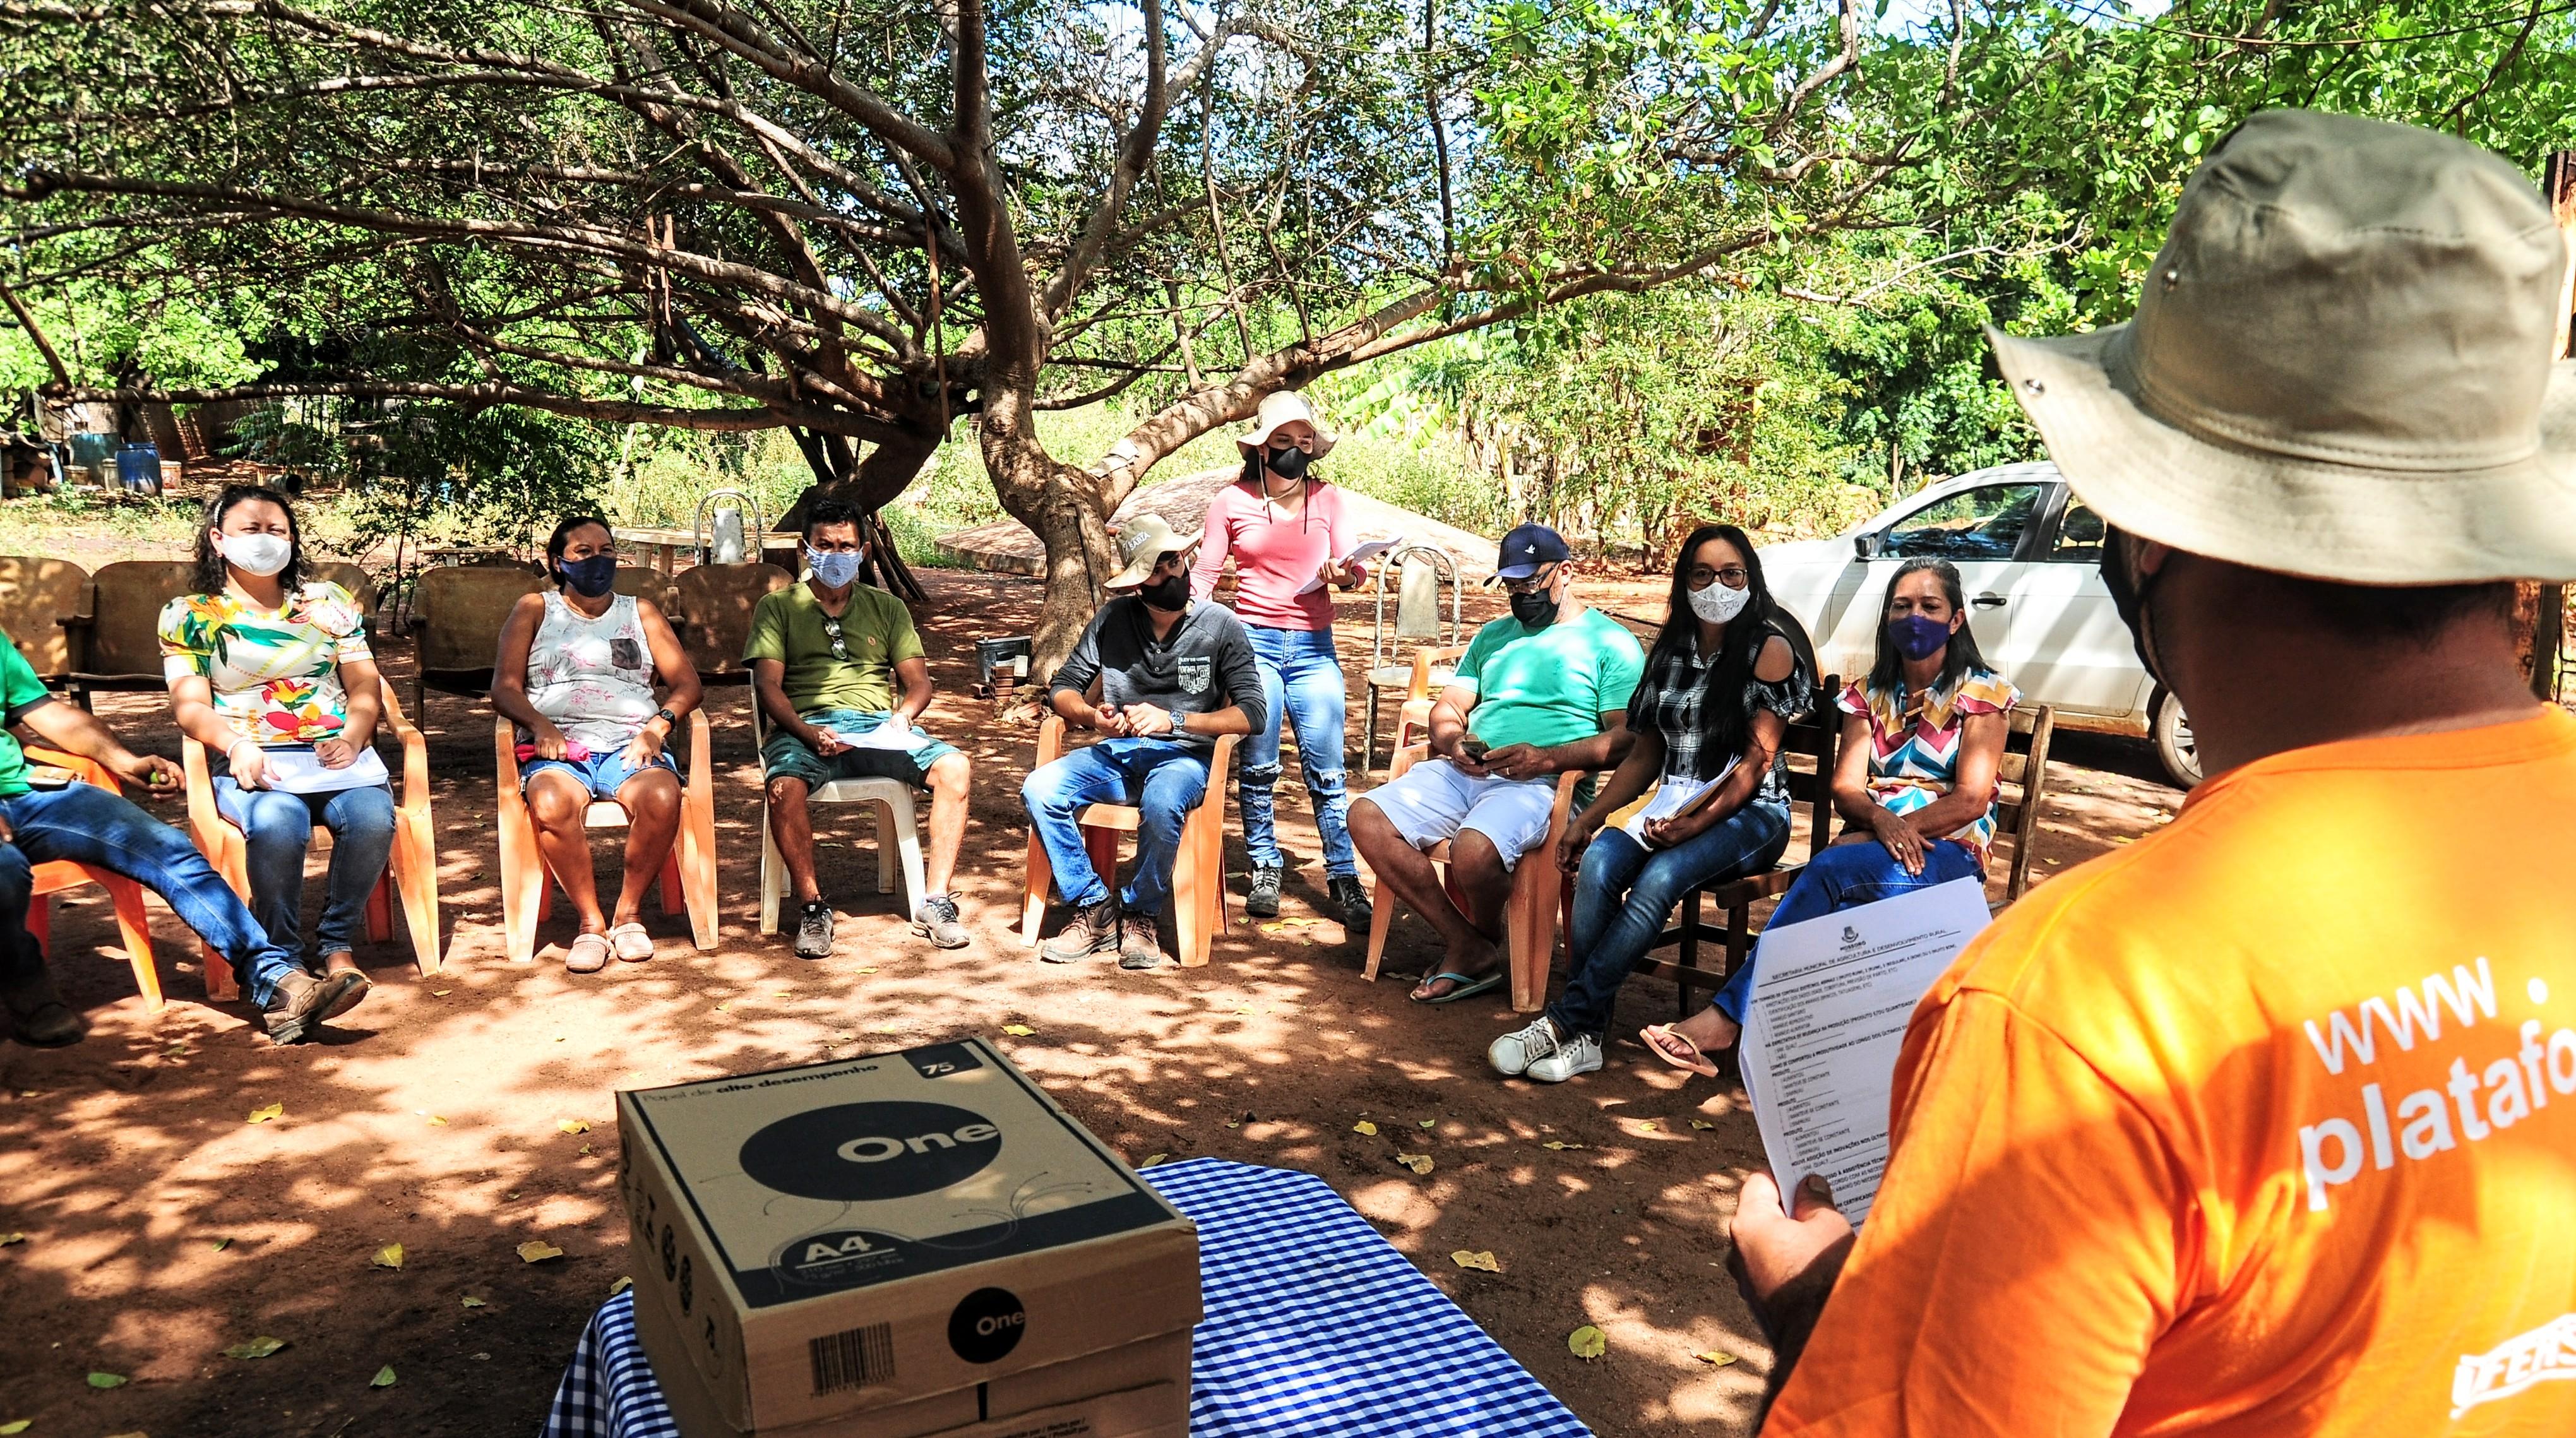 Censo rural entra na sétima semana de visitas a comunidades rurais